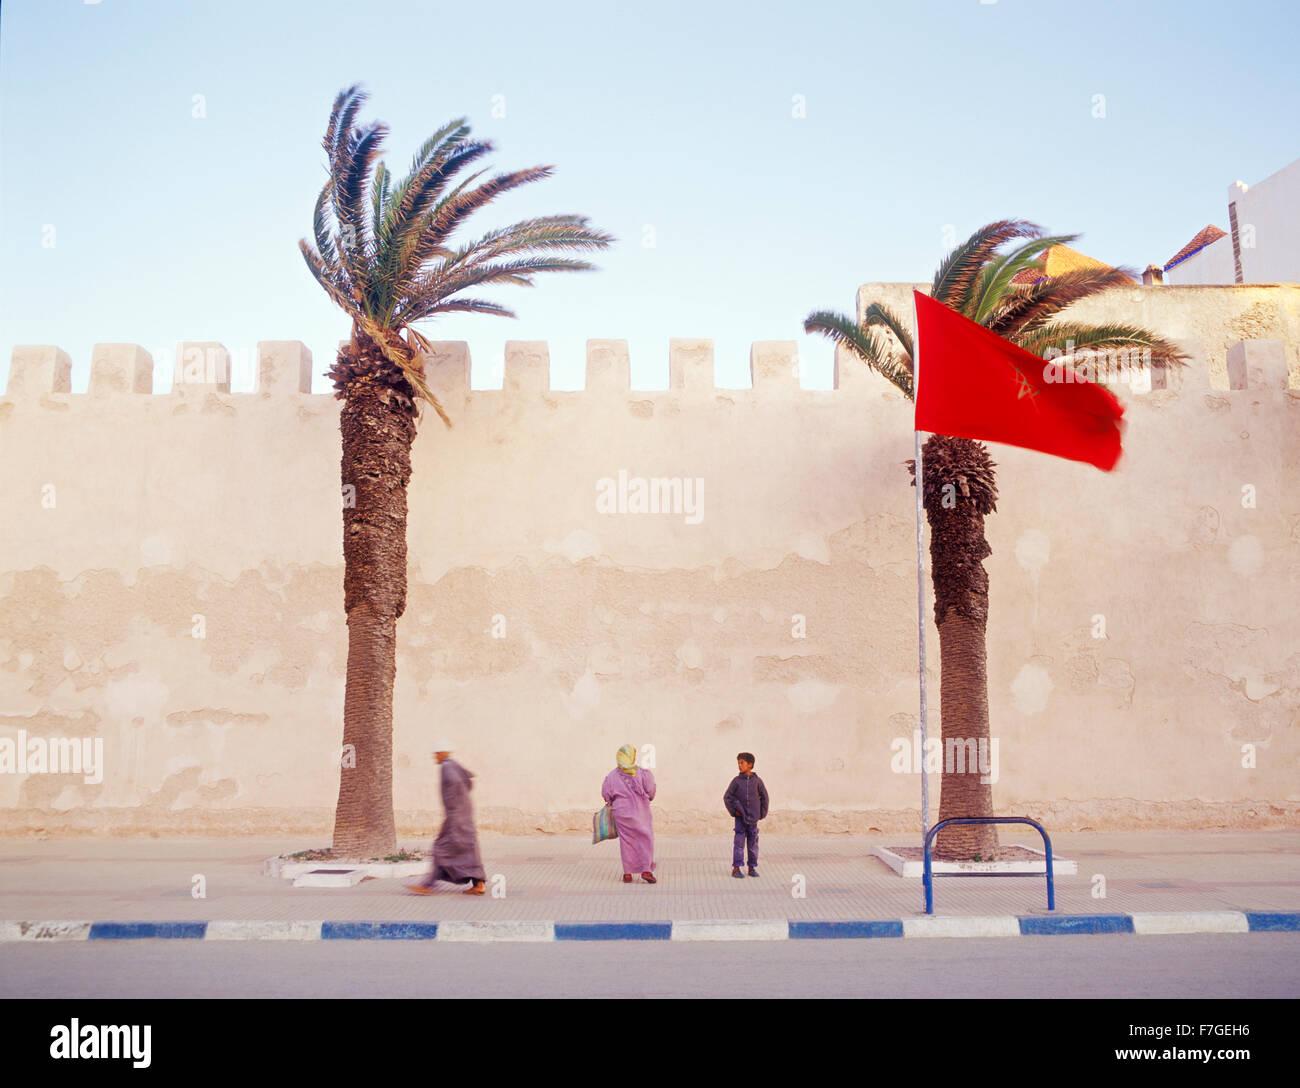 Un musulman marocain homme marche allègrement passé les murs de la ville sur le chemin de la prière Photo Stock